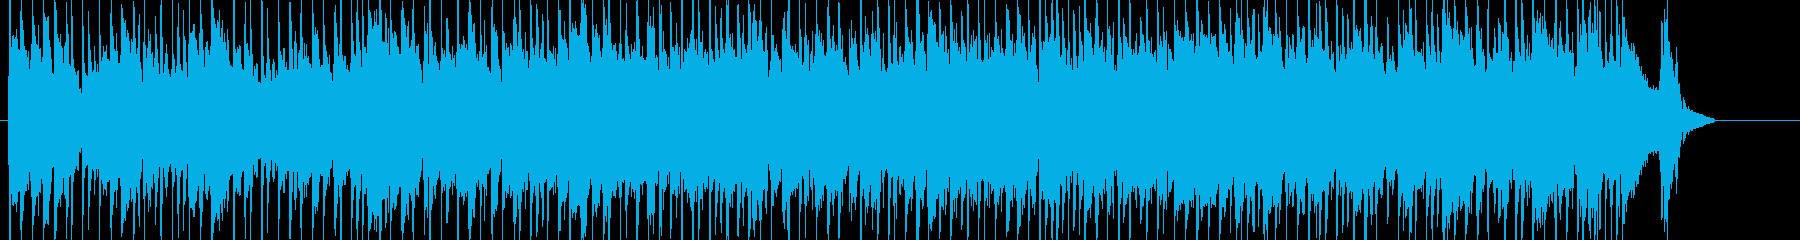 ワイルド、追跡、スリル、気だるい、淡々の再生済みの波形